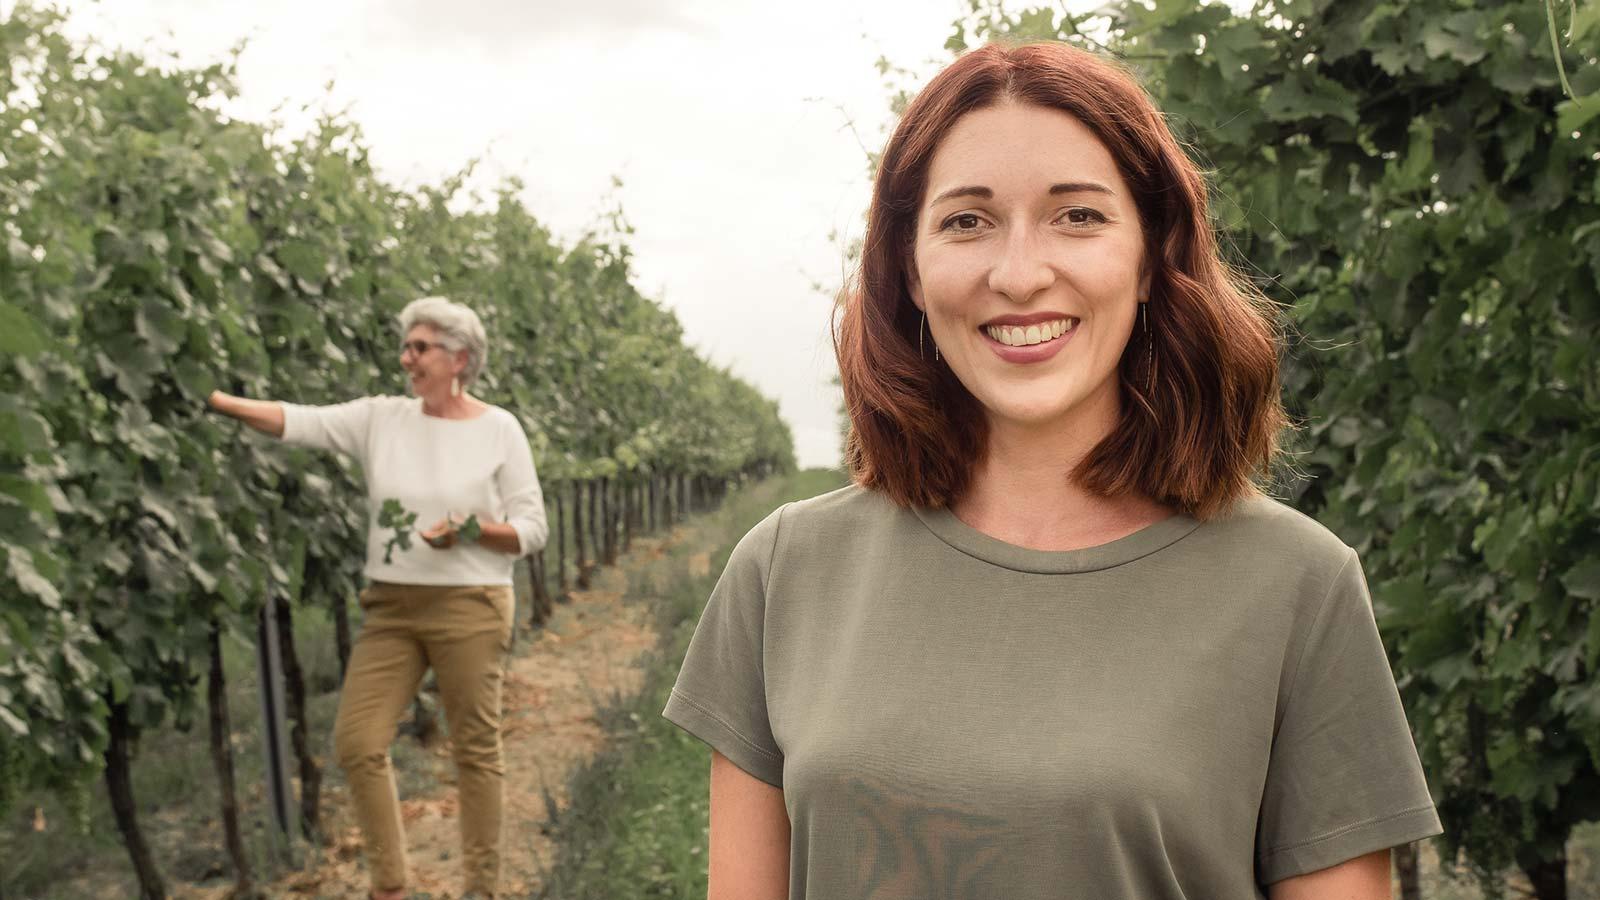 Portrait von Anna Faber im Weingarten mit Maria Faber-Köchl im Hintergrund